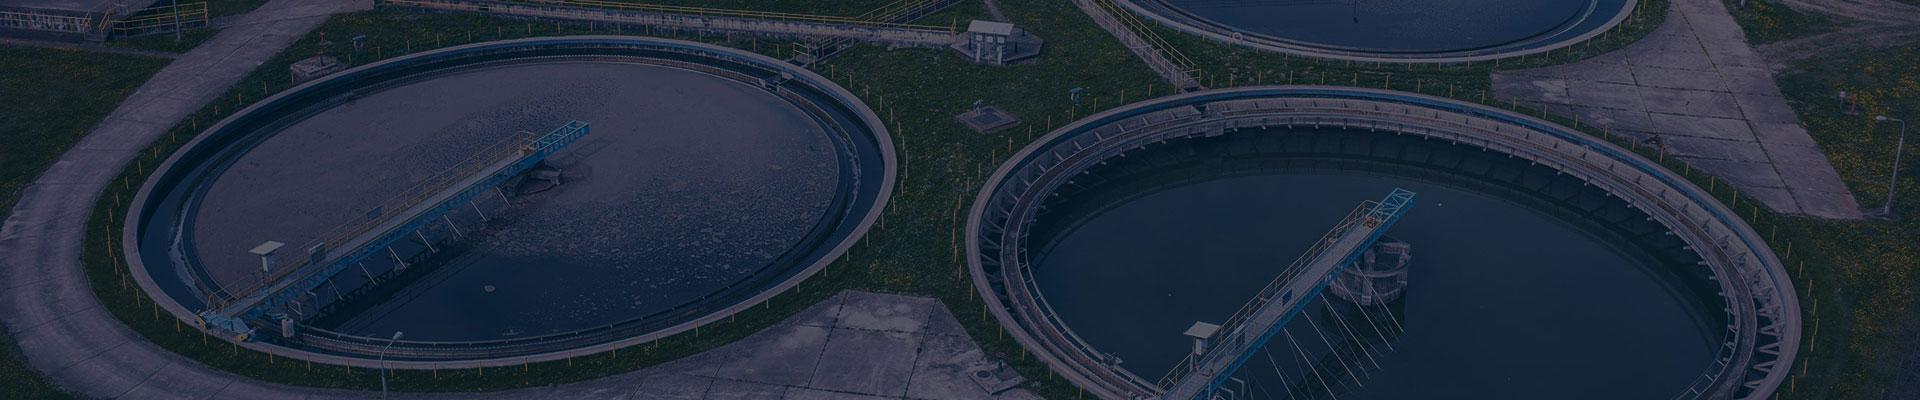 two municipal wastewater clarifiers